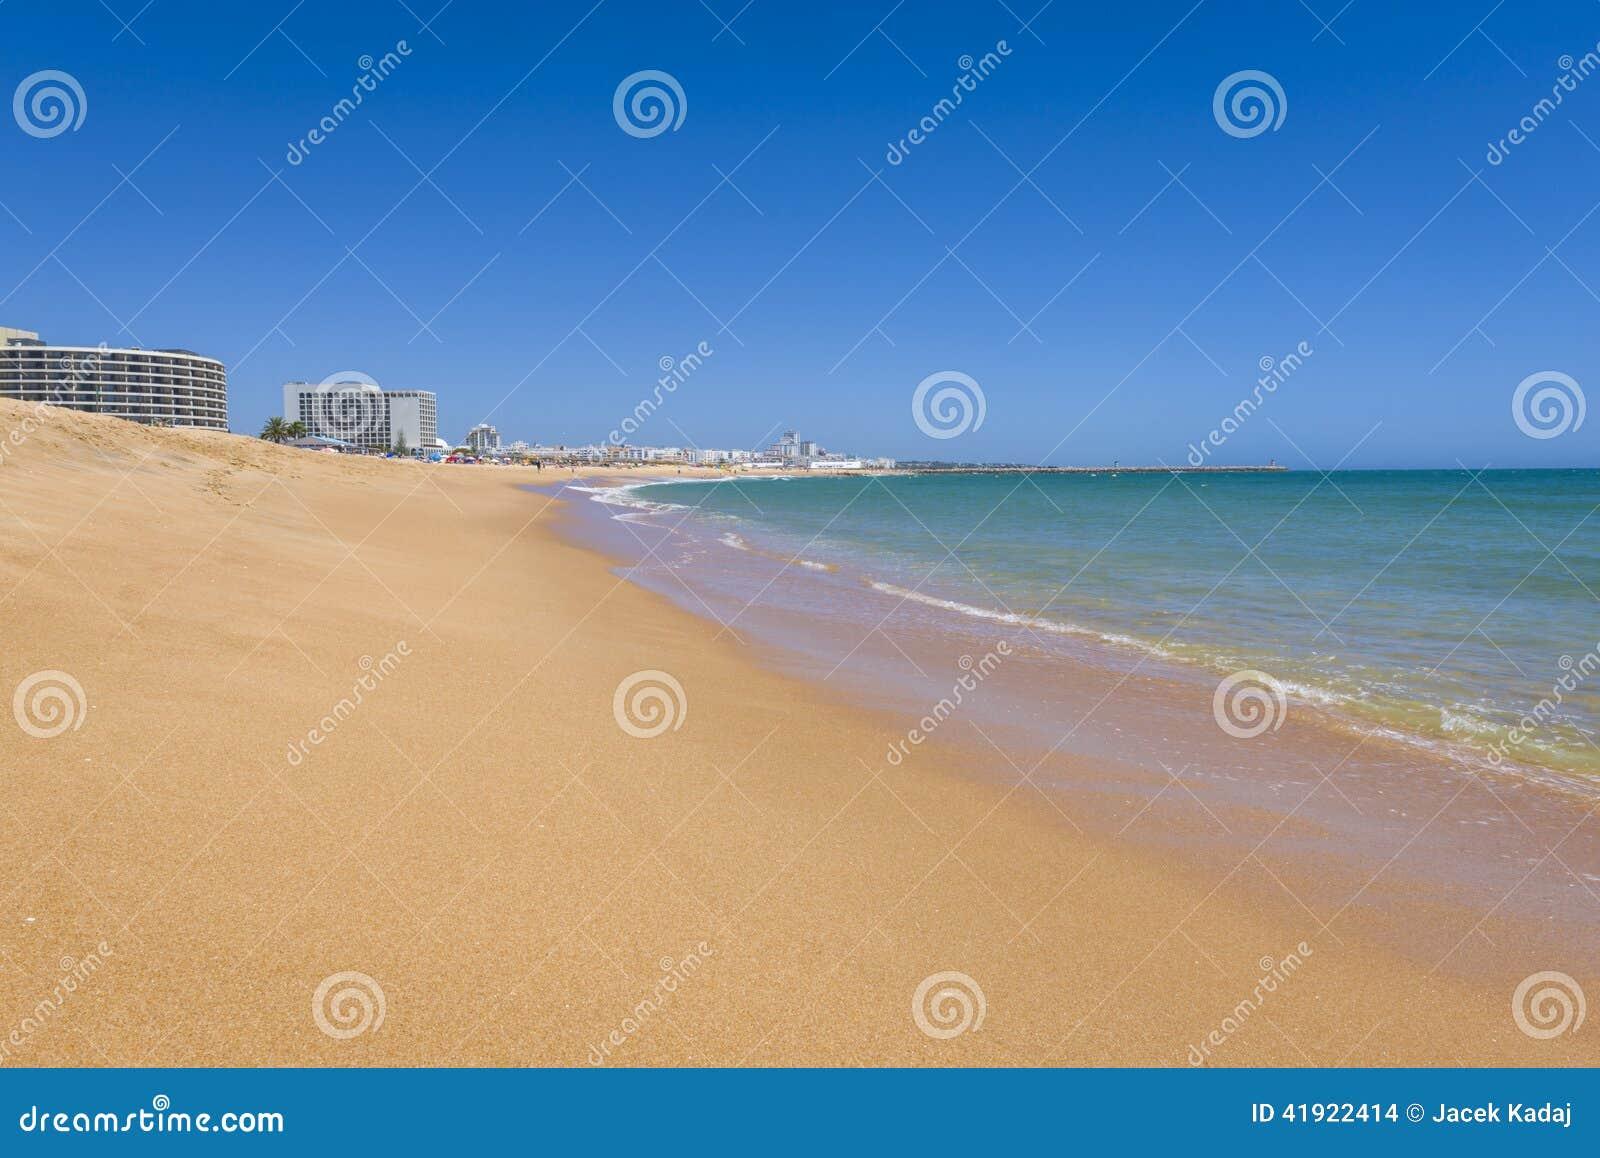 Pulisca la spiaggia nella localit di soggiorno di for Soggiorno portogallo